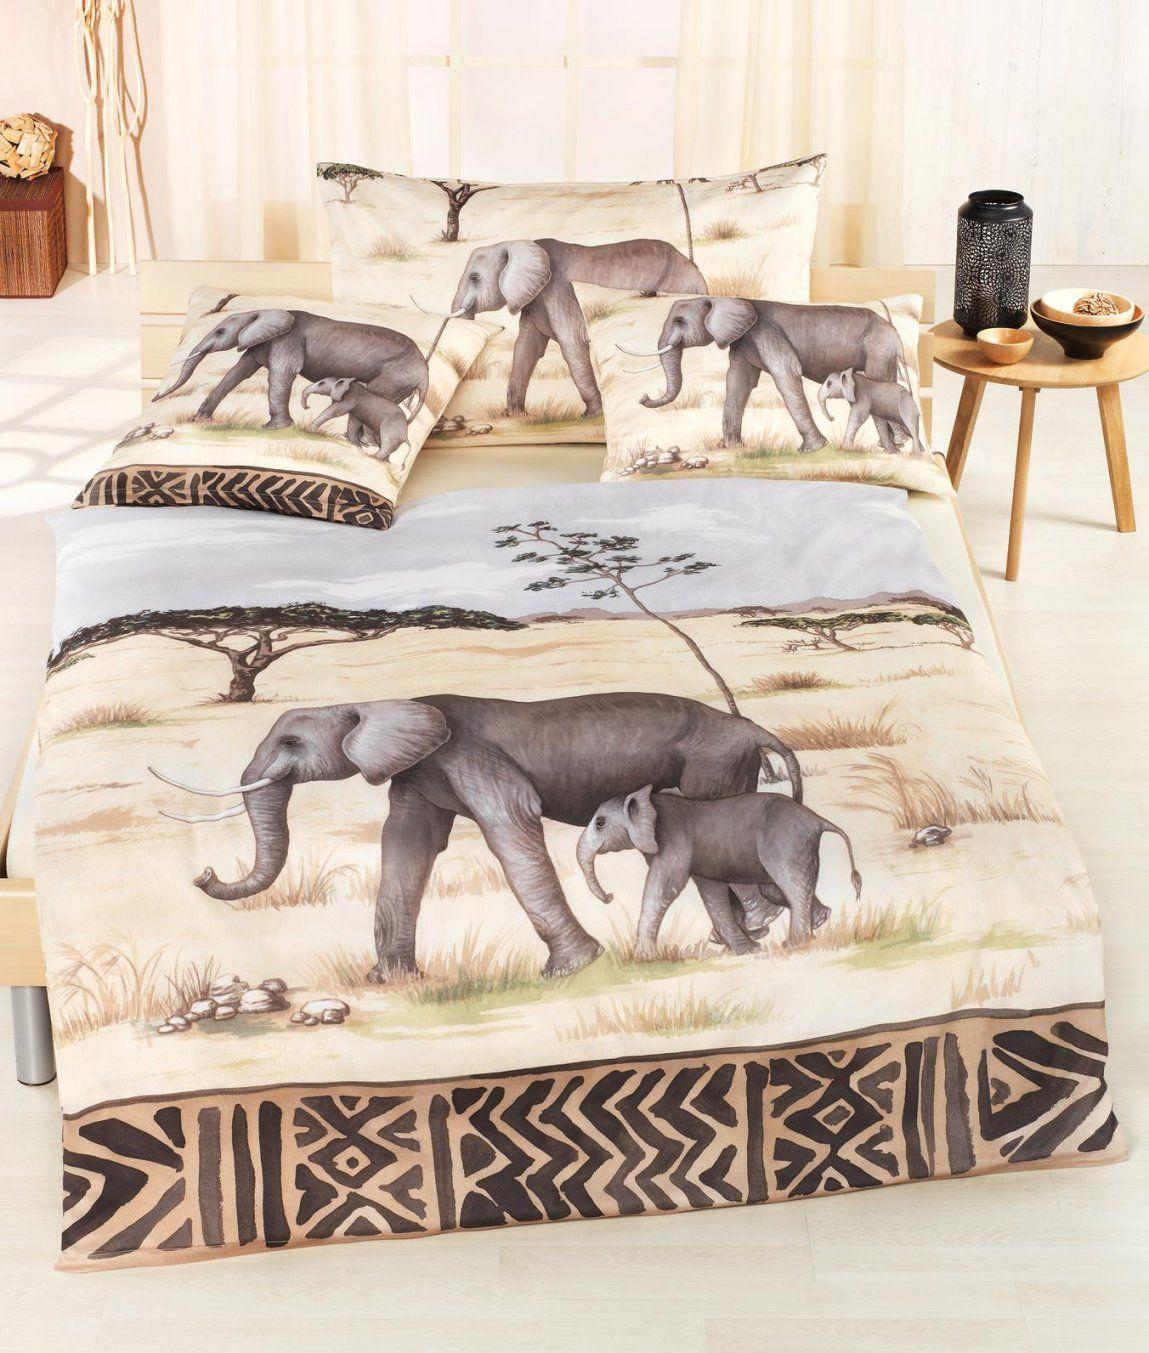 Satinbettwäsche Kaufen  Angela Bruderer Onlineshop von Bettwäsche Afrika Style Bild